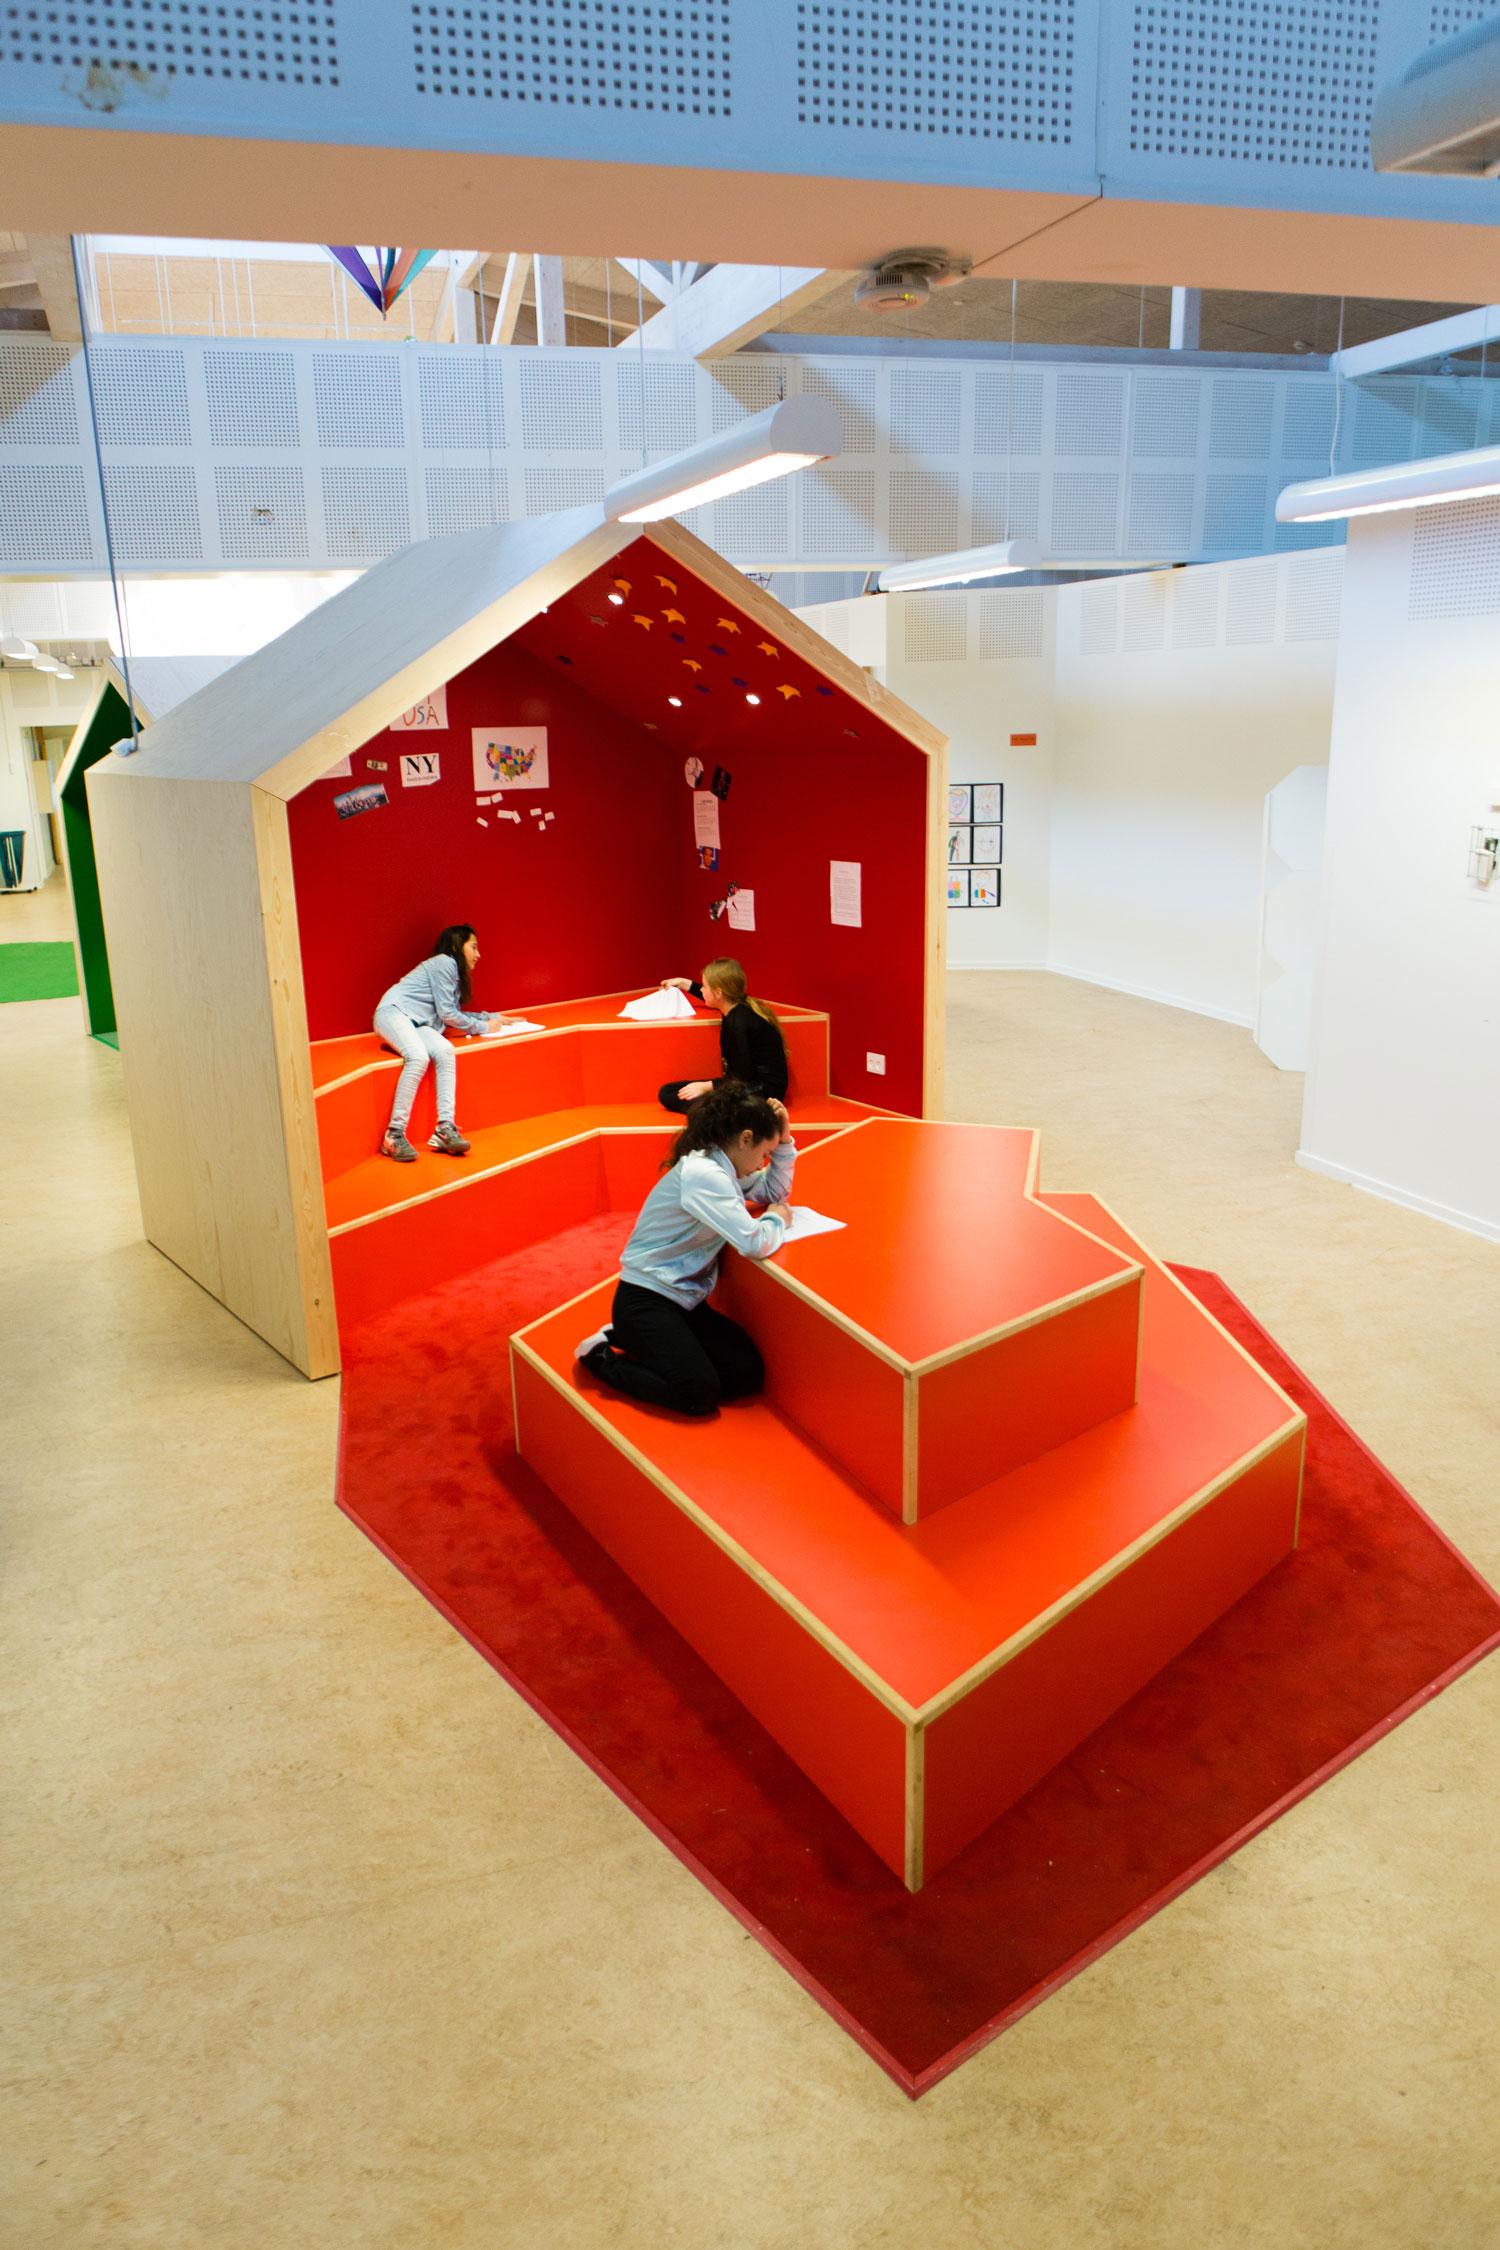 engstrandskolen rødt område overblik Rune Fjord Studio